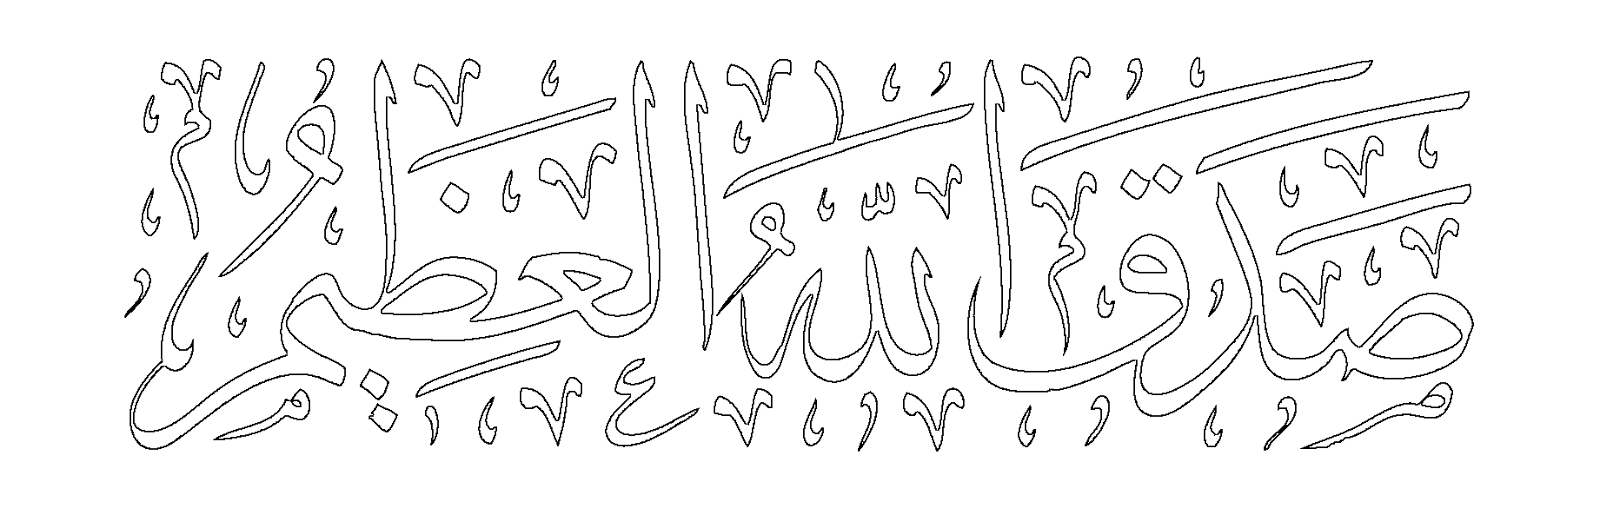 Royalty Free Kuran Boyama Resmi Yazdırılabilir Boyama Sayfaları